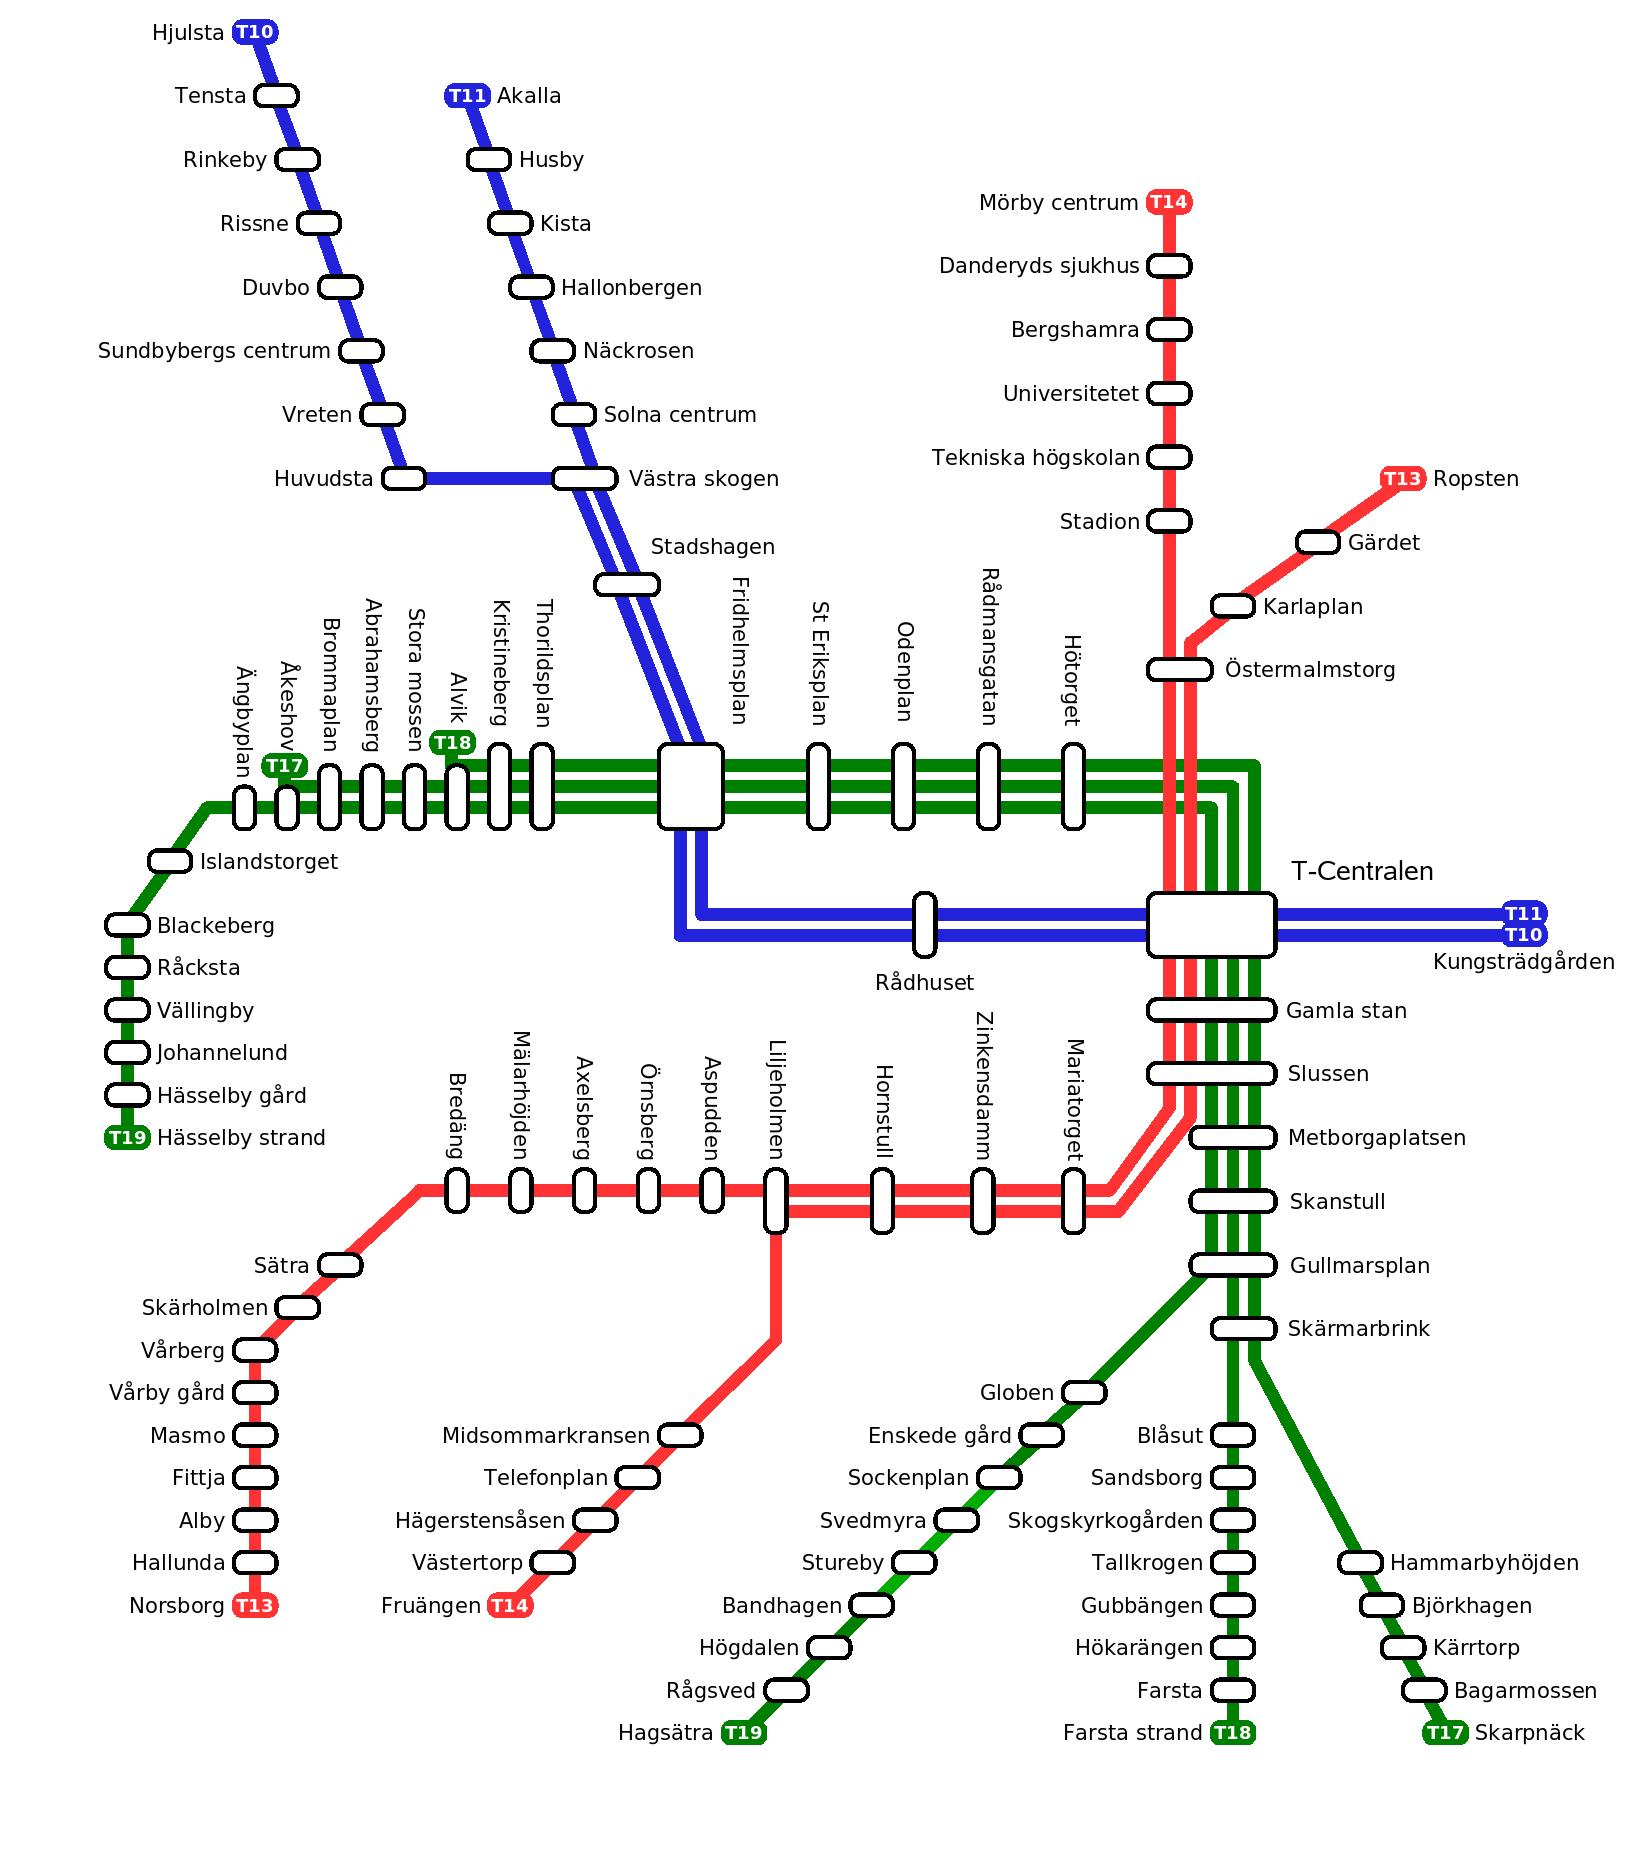 Jattebrak i tunnelbanan i vallingby